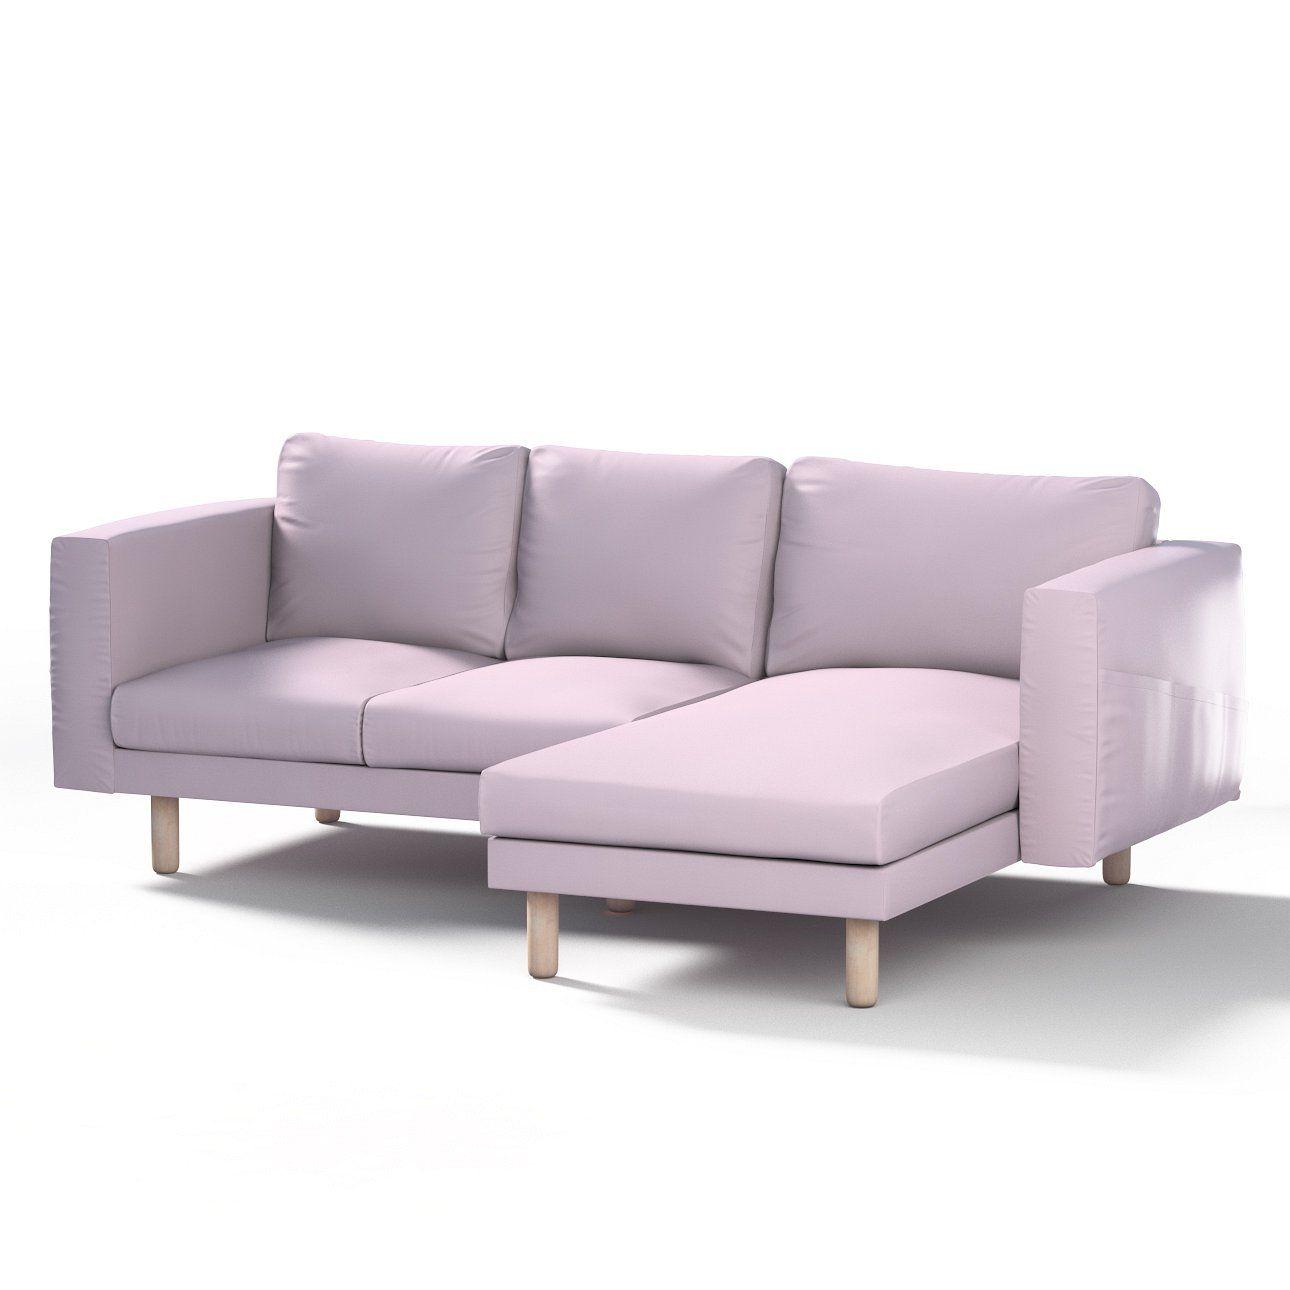 Full Size of Ikea Klippan 3 Sitzer Sofa Mit Bettfunktion Schlaffunktion Relaxfunktion Couch Und Bettkasten Leder Federkern Rot Grau Roller Bei Nockeby P35231 Elektrischer Sofa 3 Sitzer Sofa